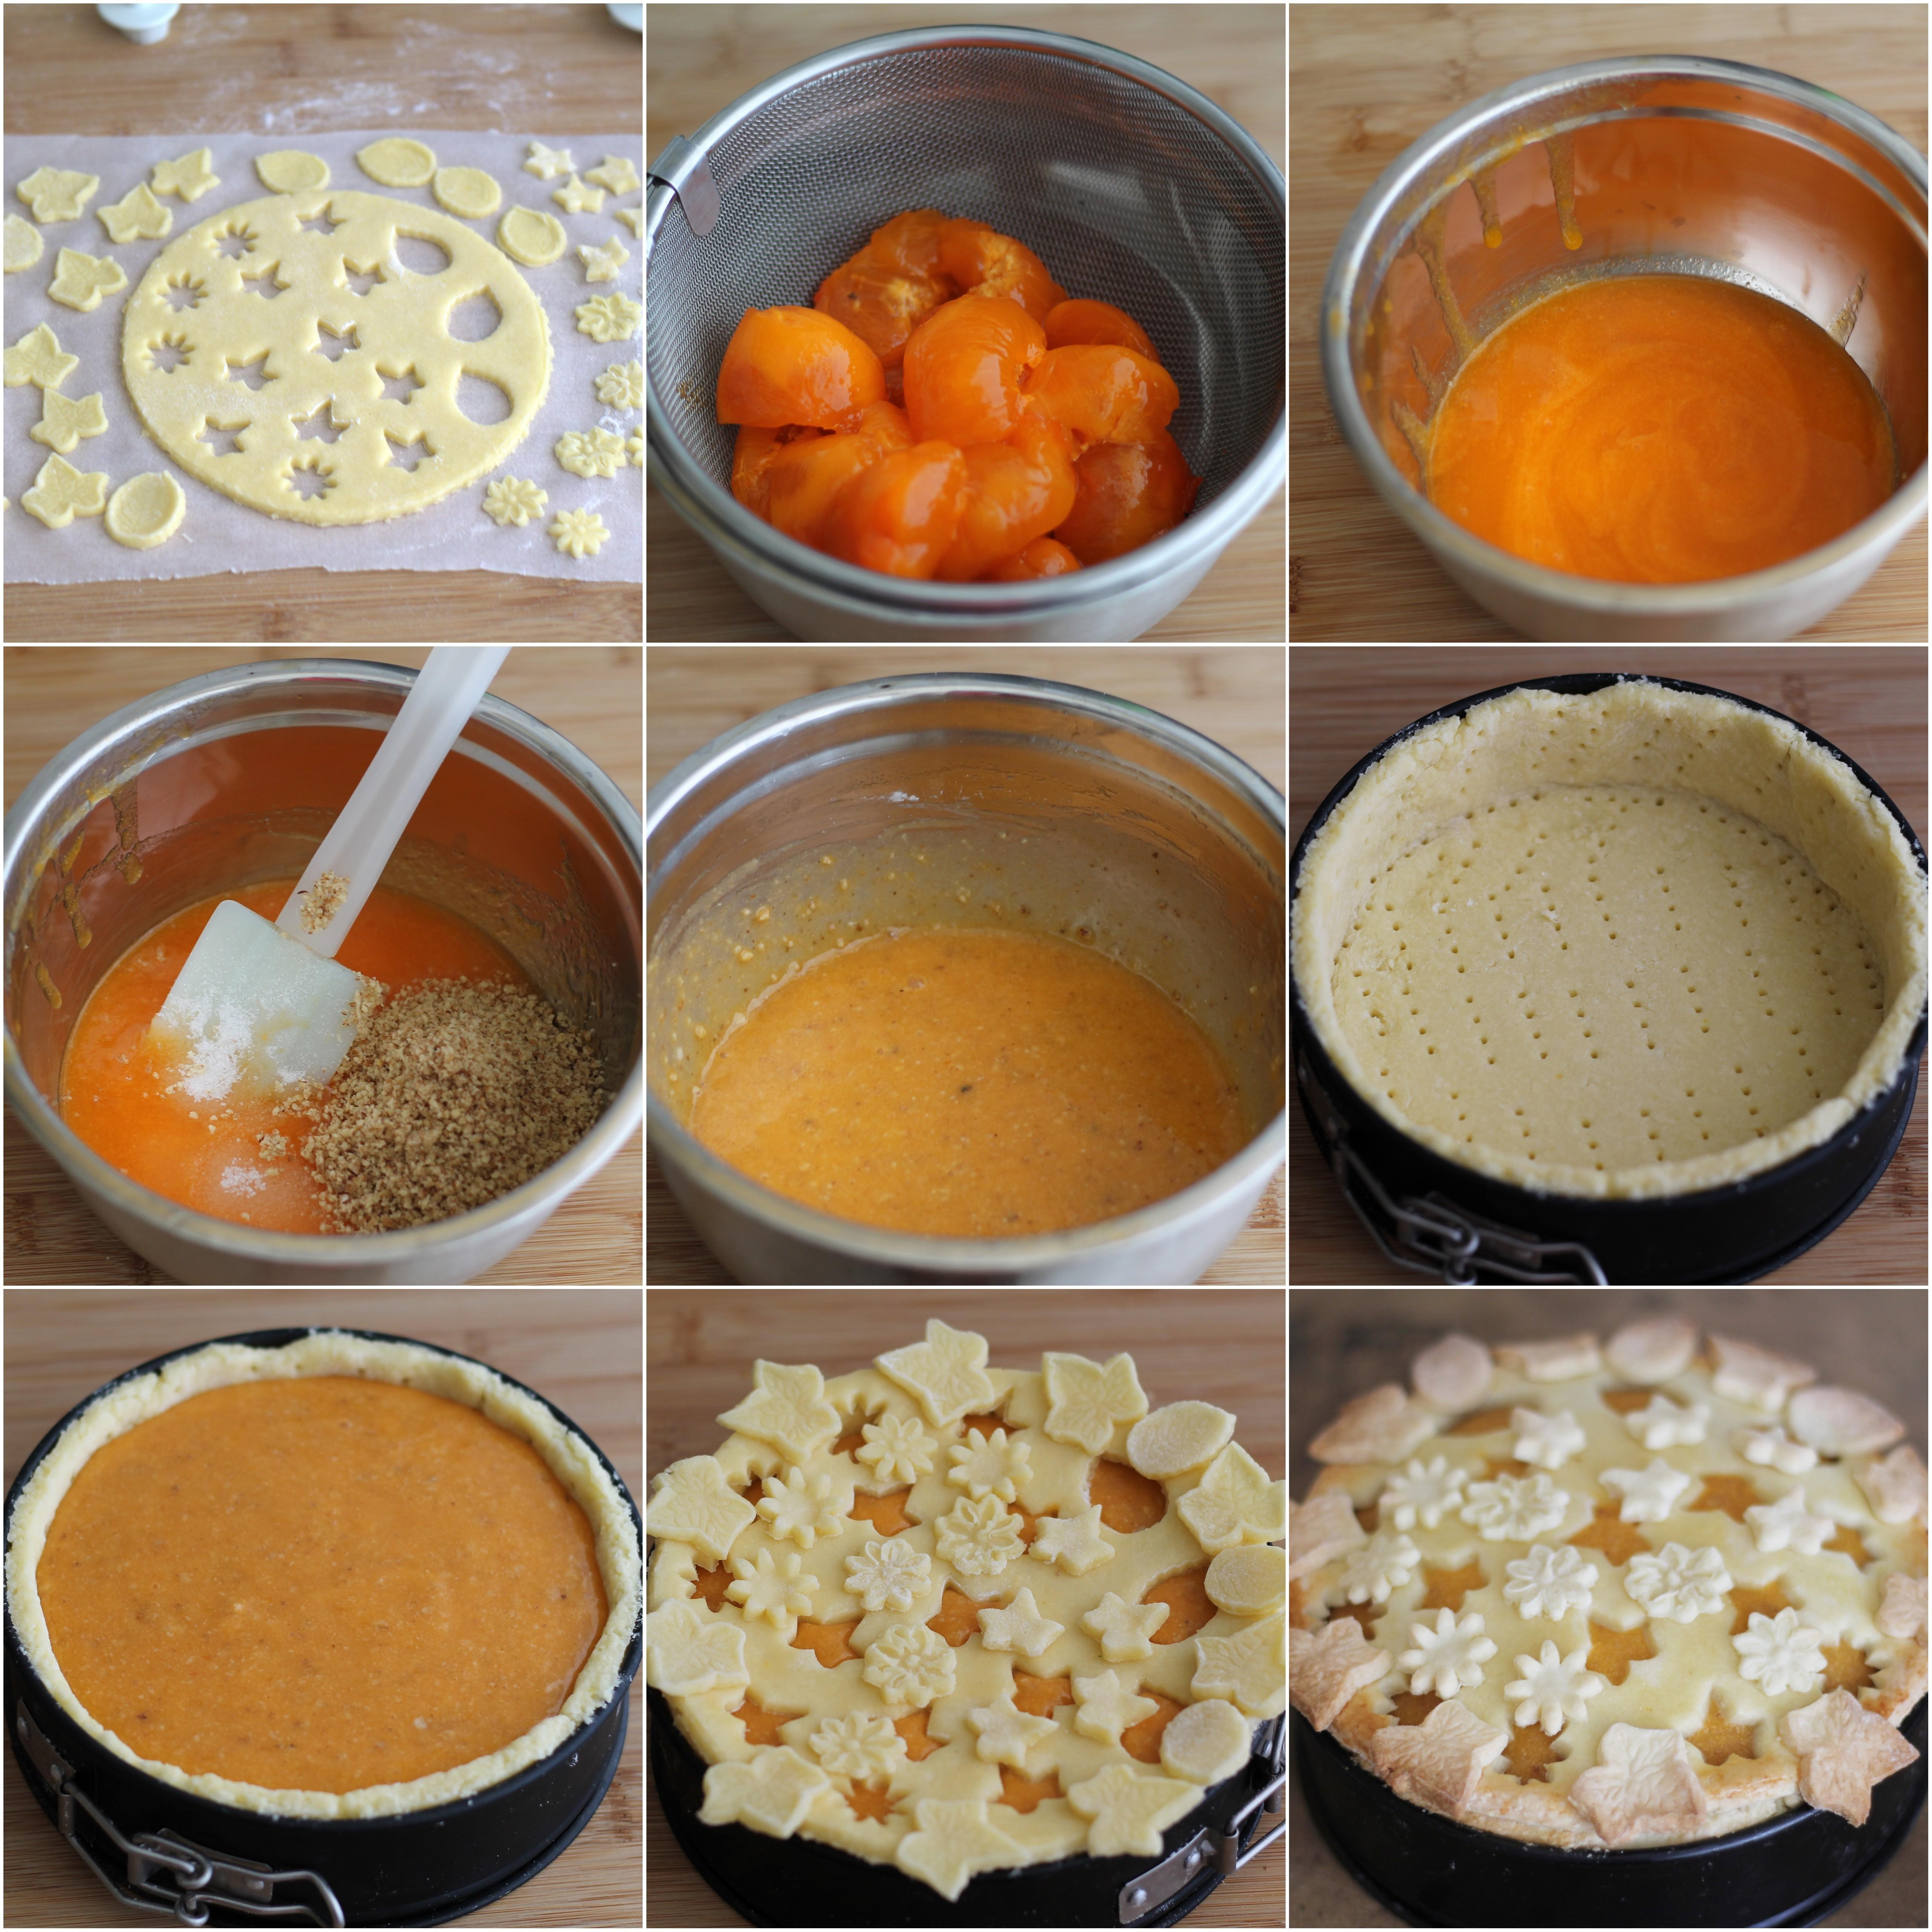 Tarte sans gluten avec kaki et noix - La Cassata Celiaca